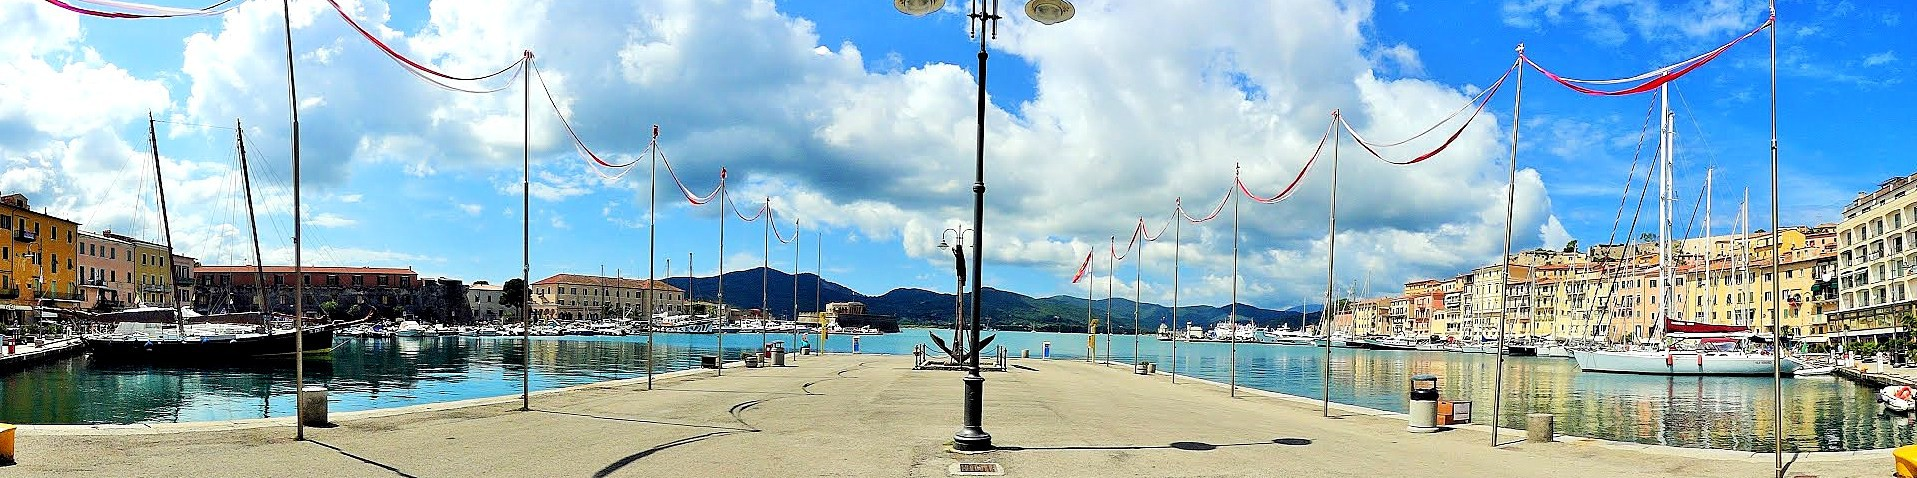 Portoferraio, molo ve starém přístavu